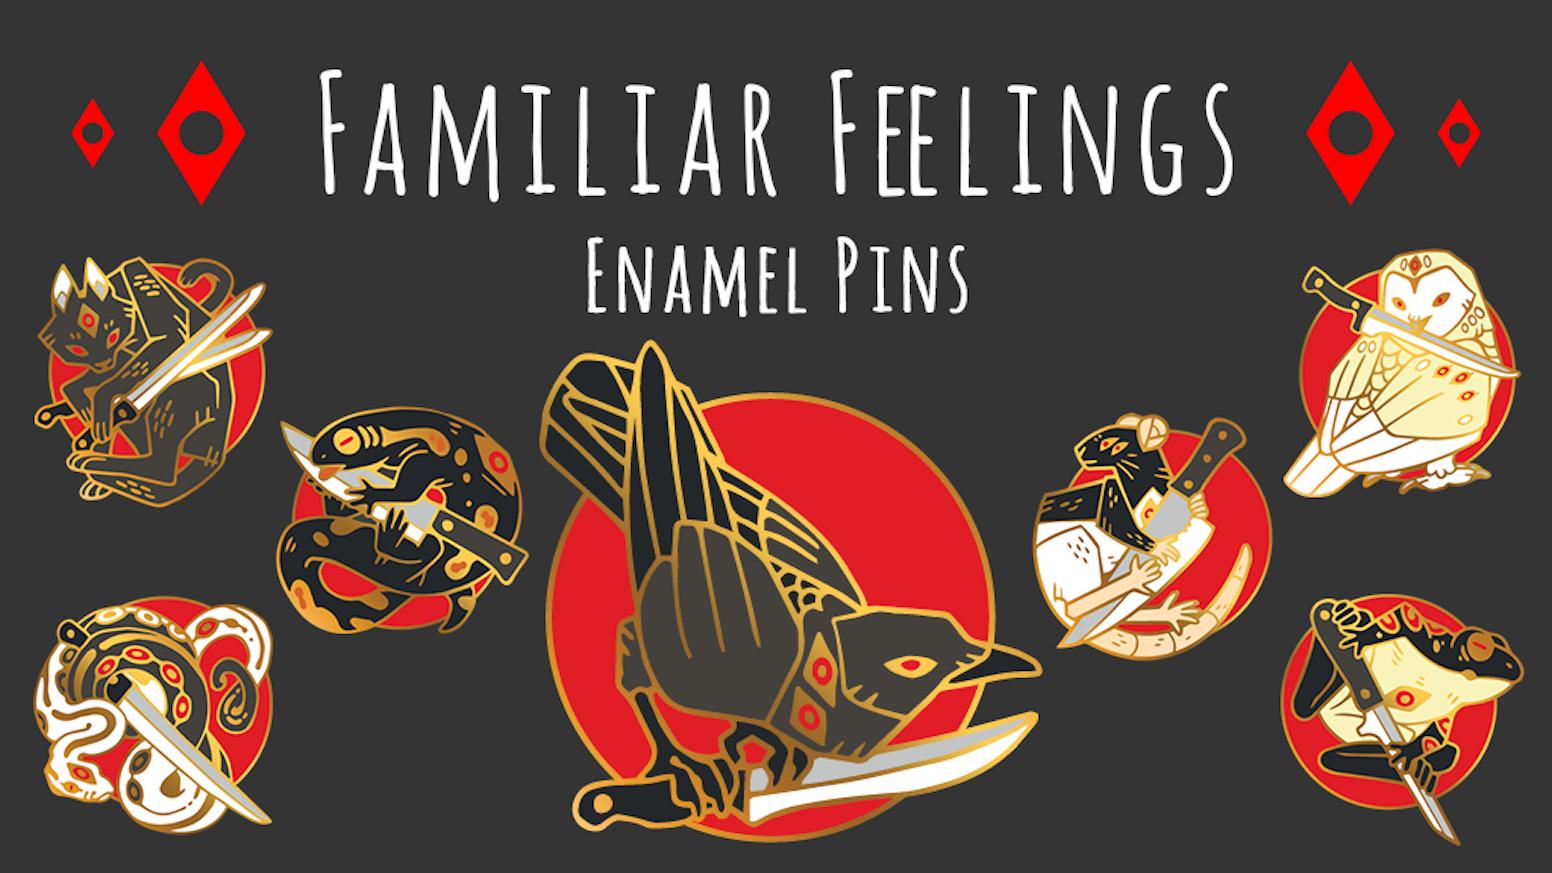 Familiar Feelings Enamel Pins by Crow Council — Kickstarter